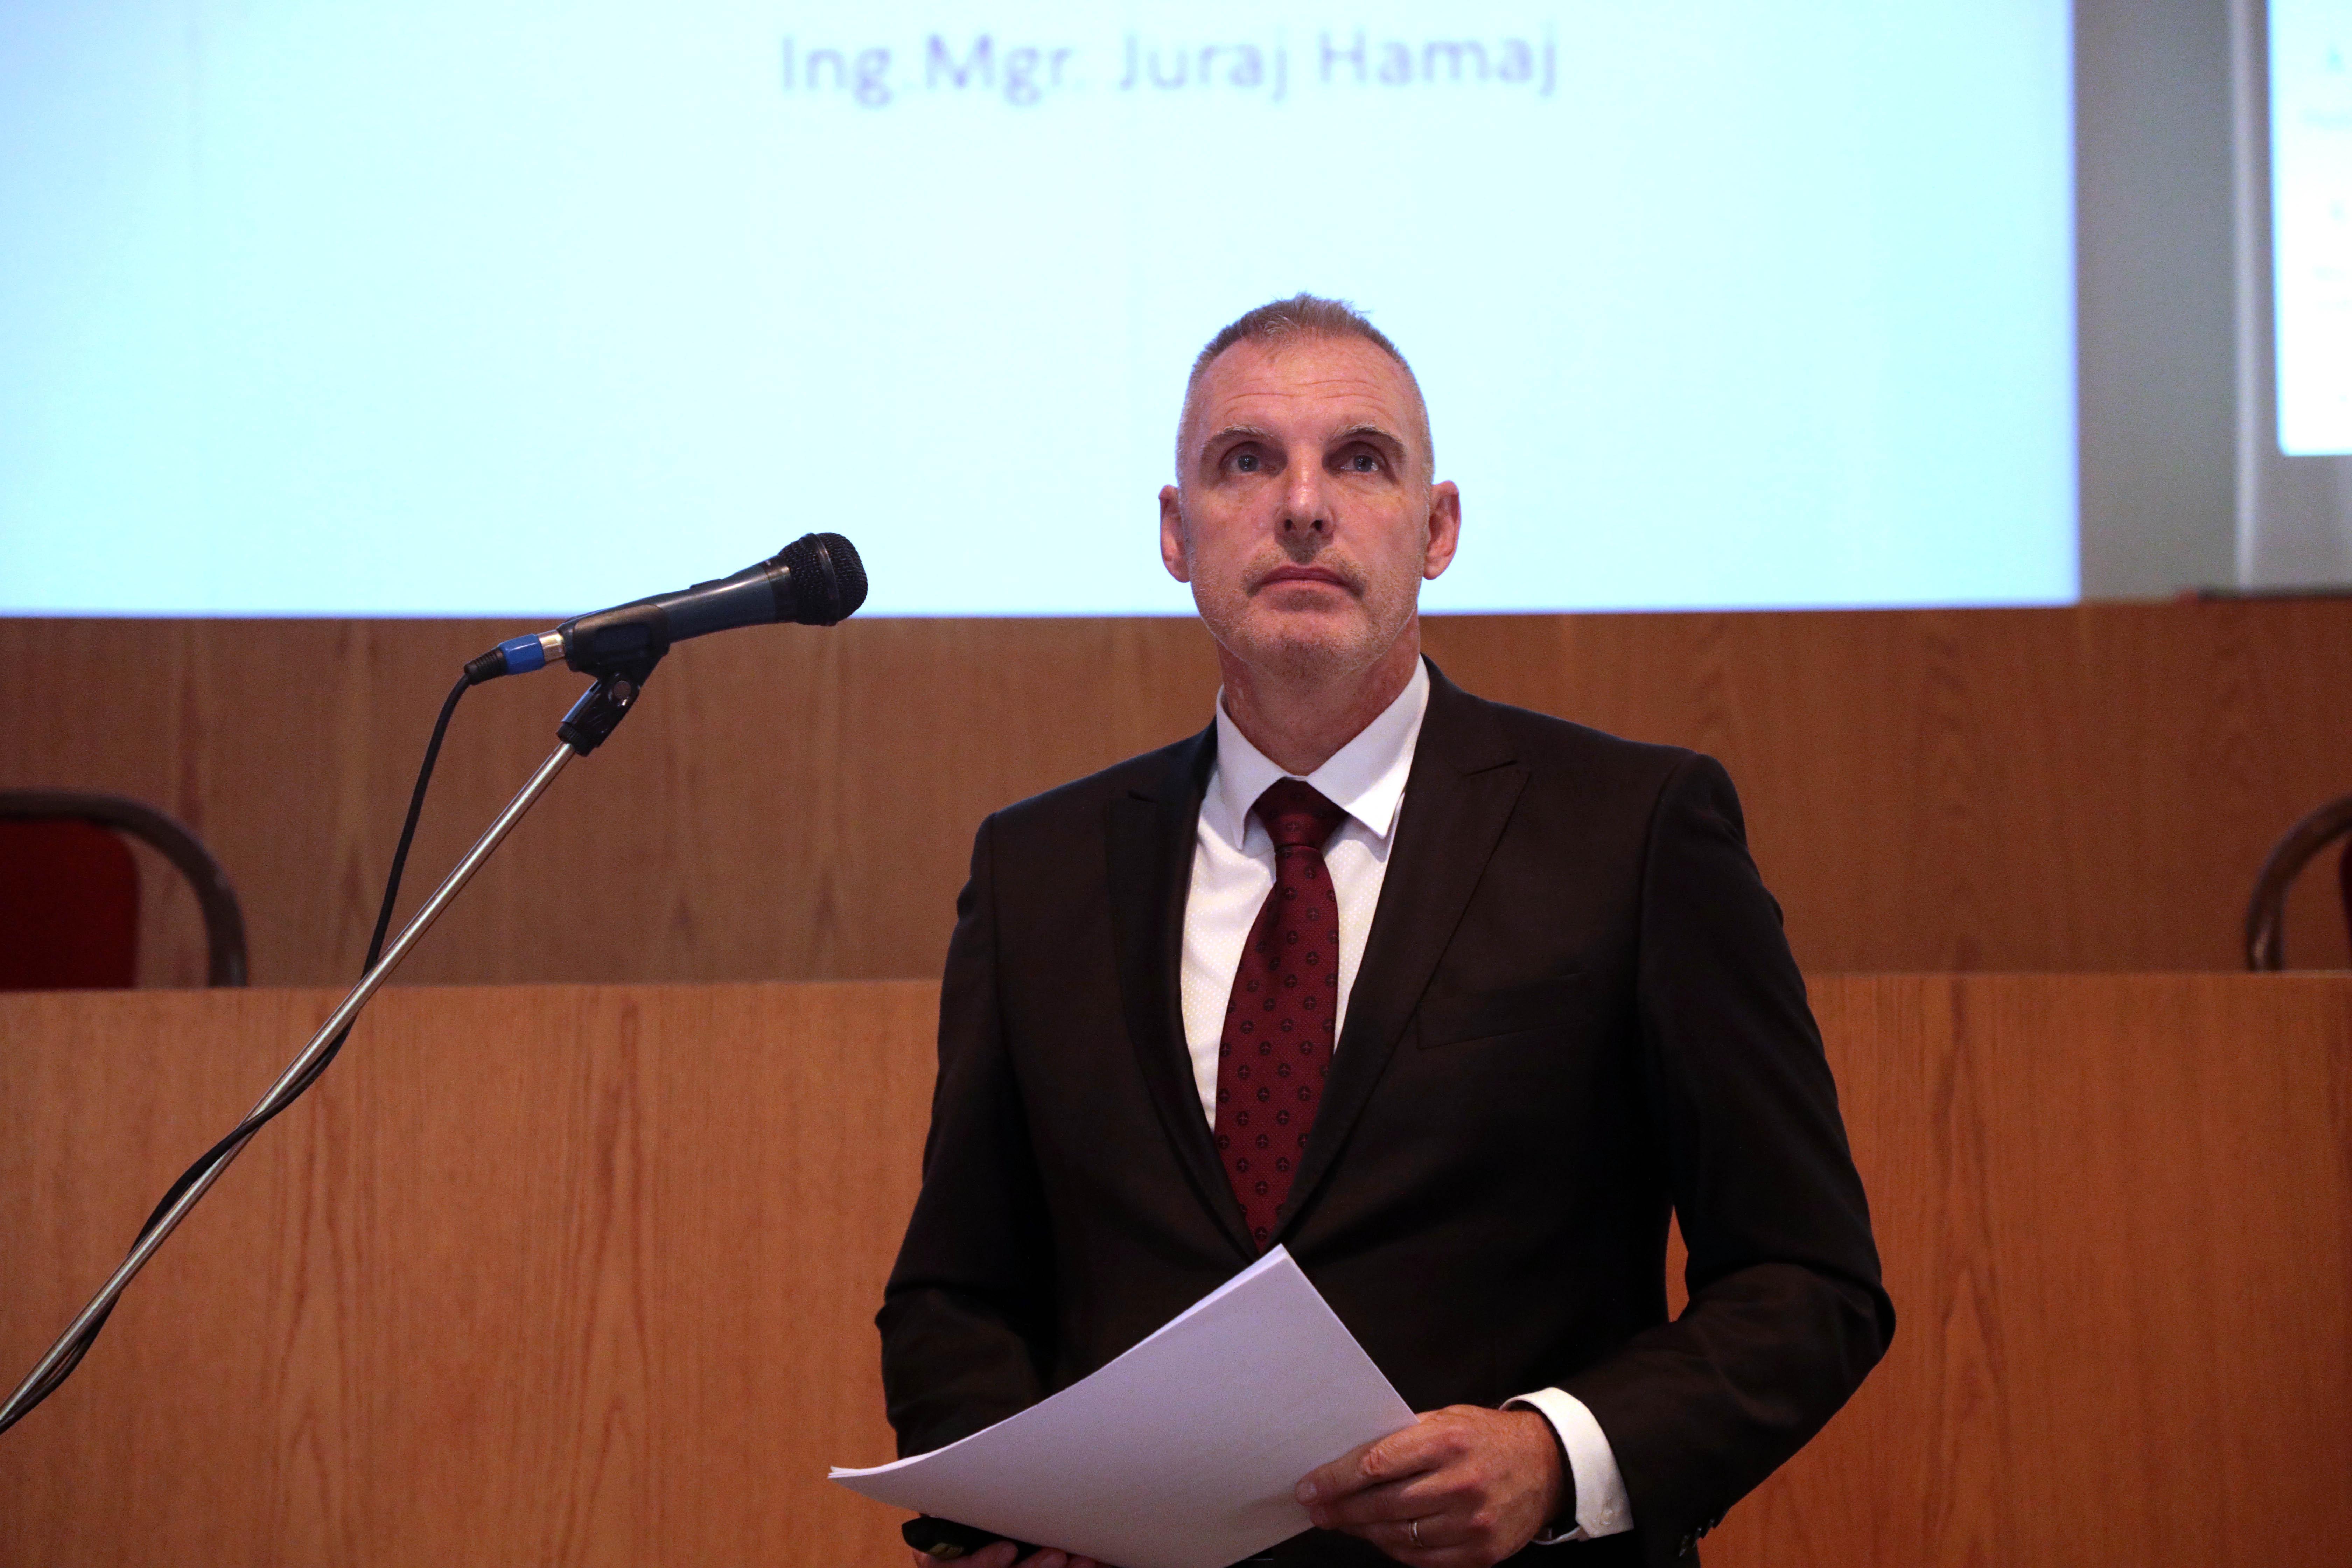 Juraj Hamaj